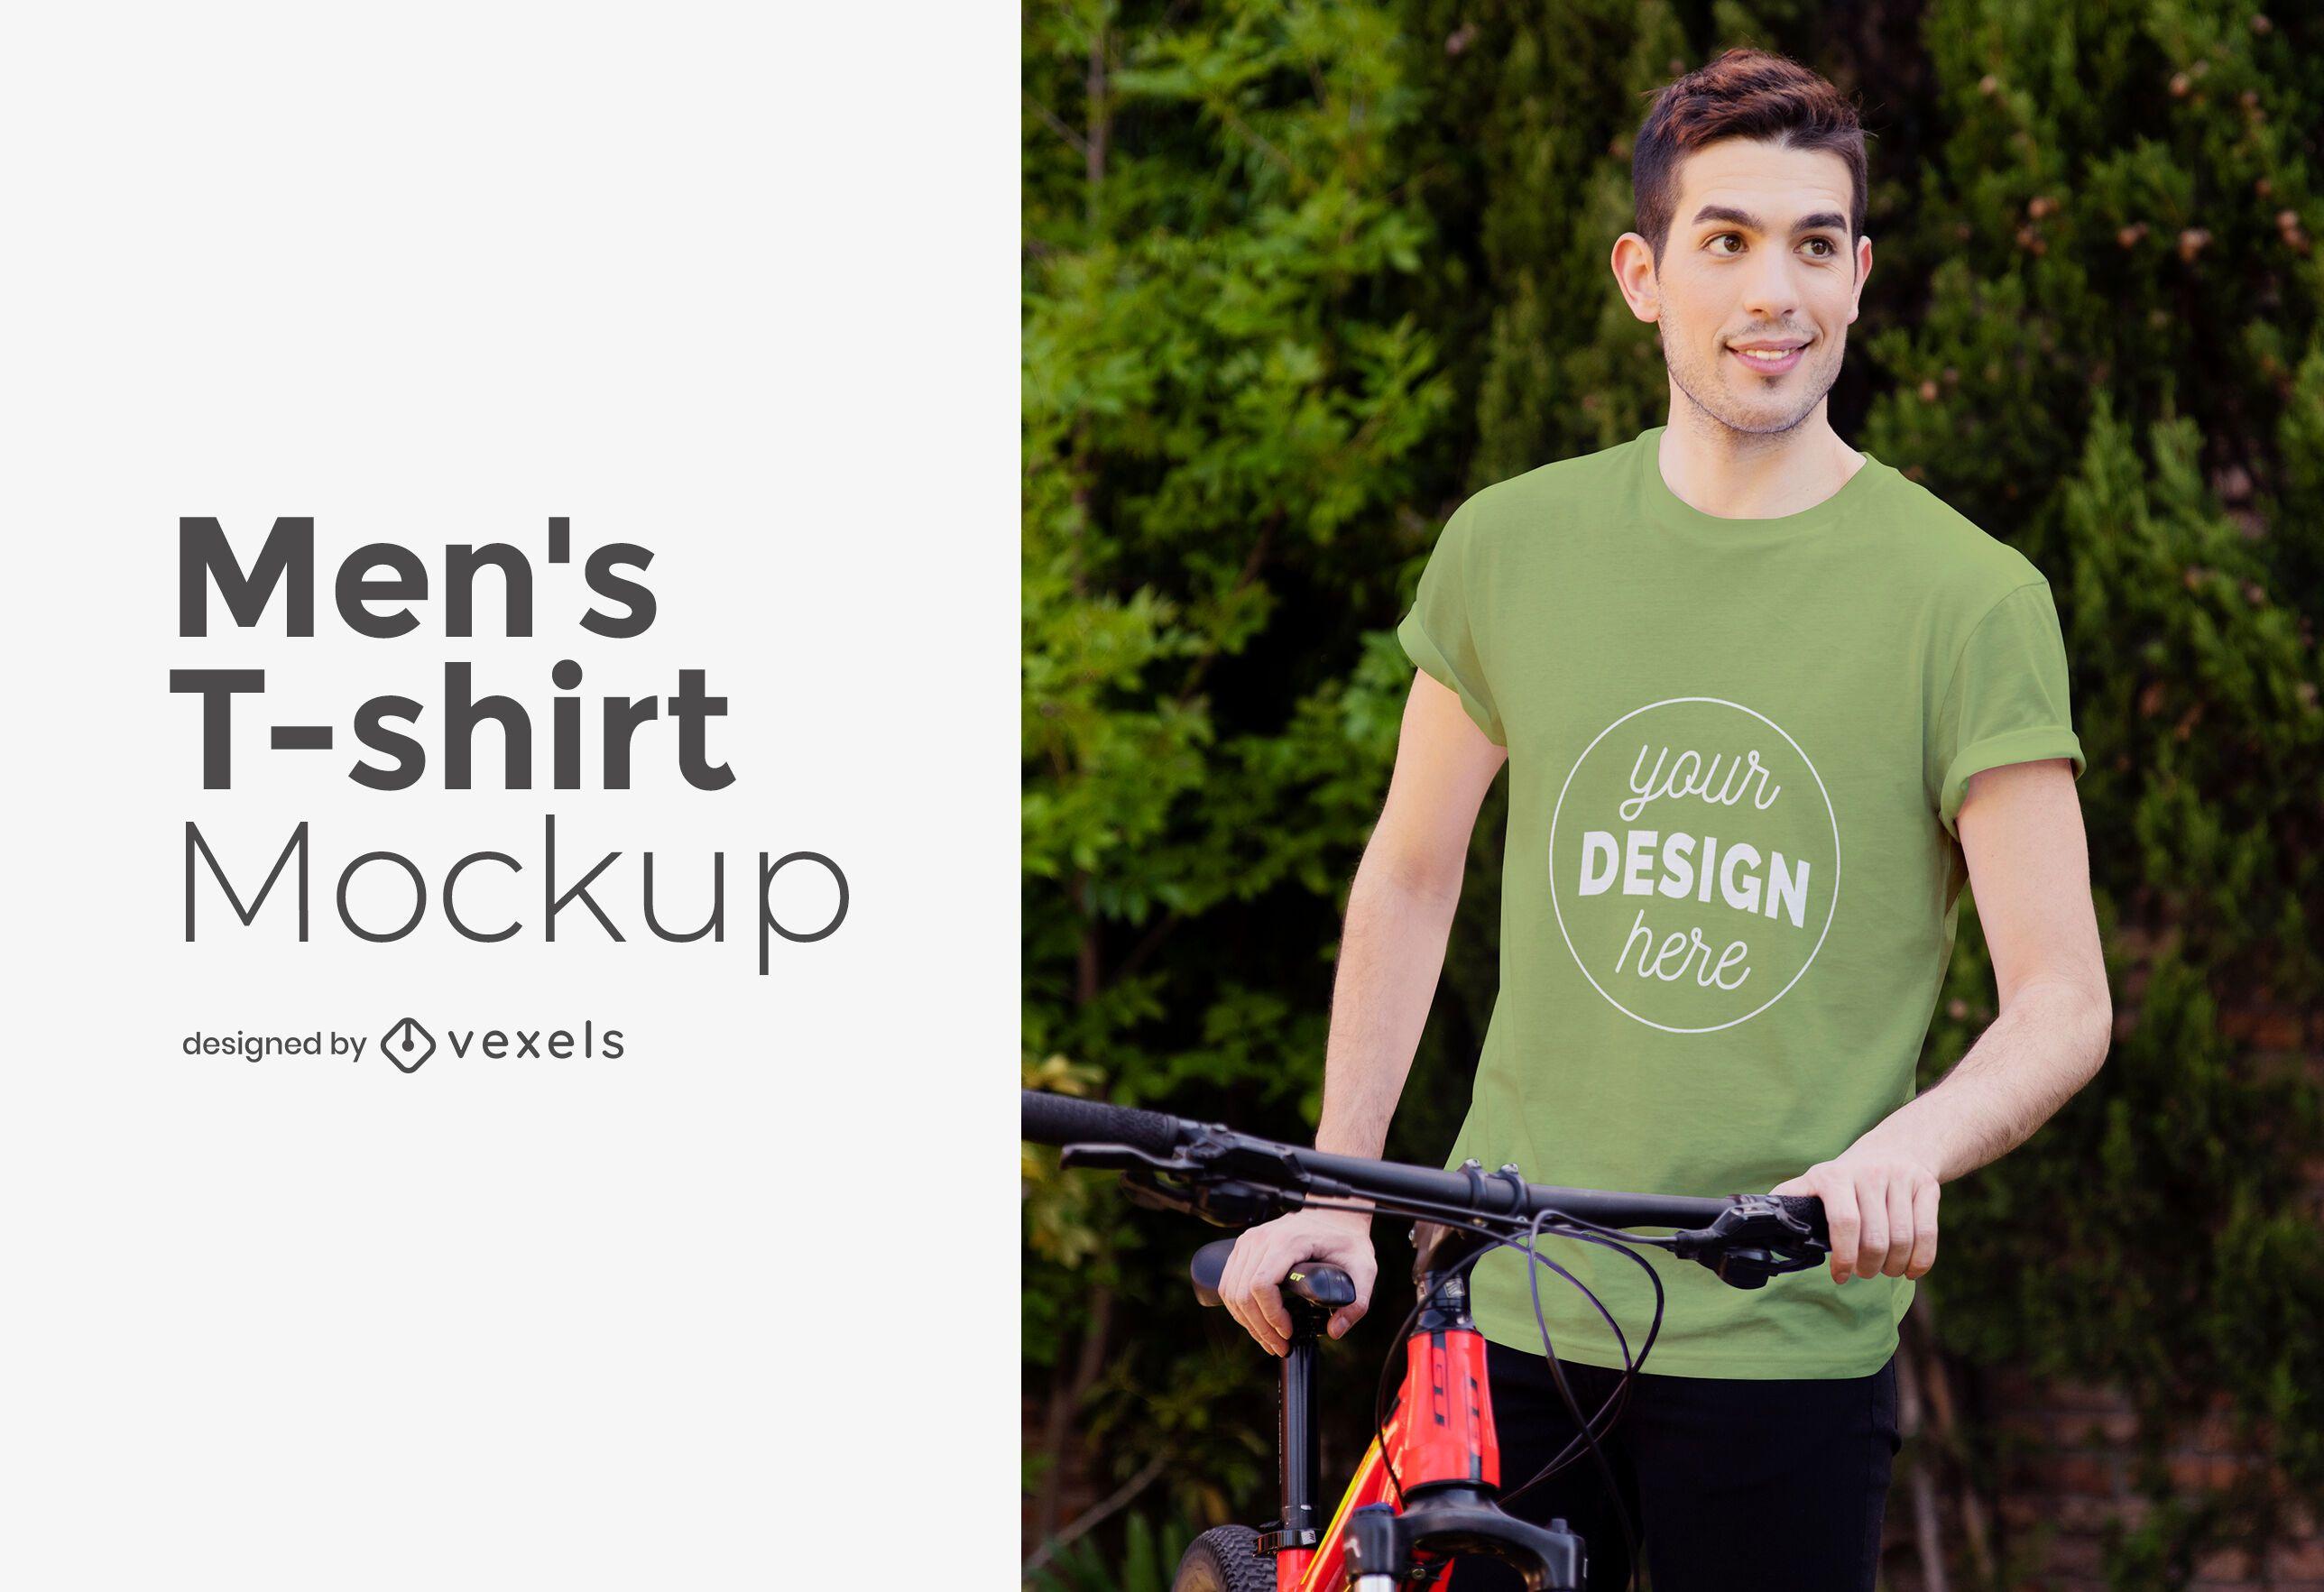 Modelo masculino con maqueta de camiseta de bicicleta